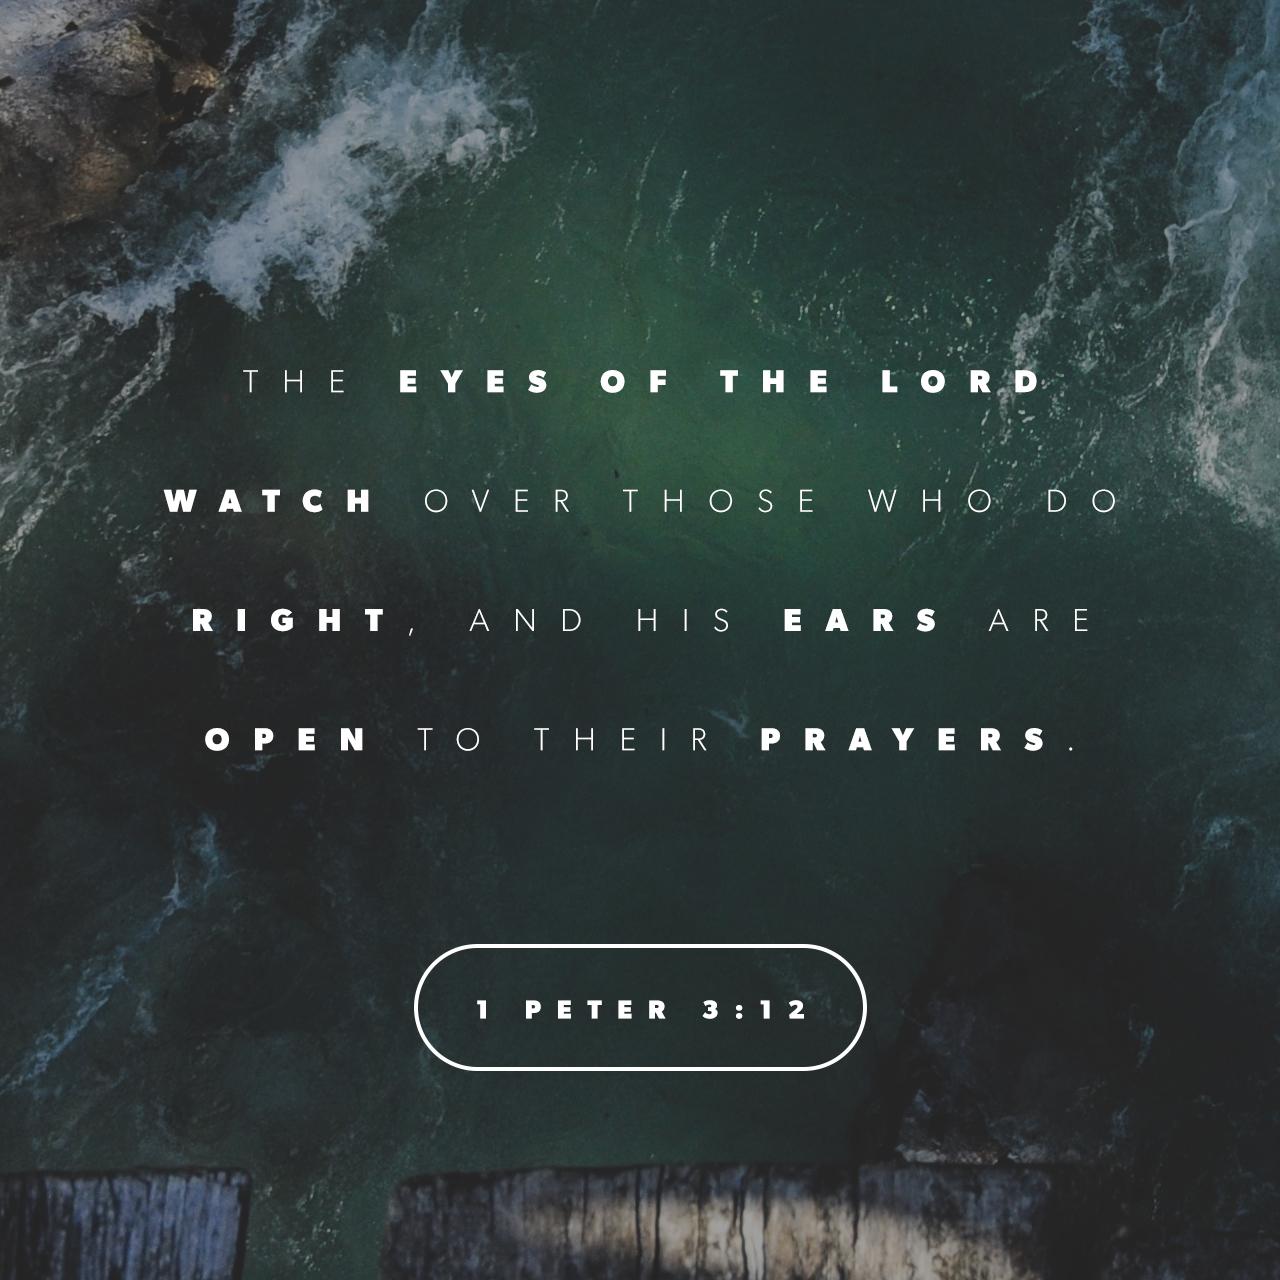 1 Peter 3:12 (JPG)